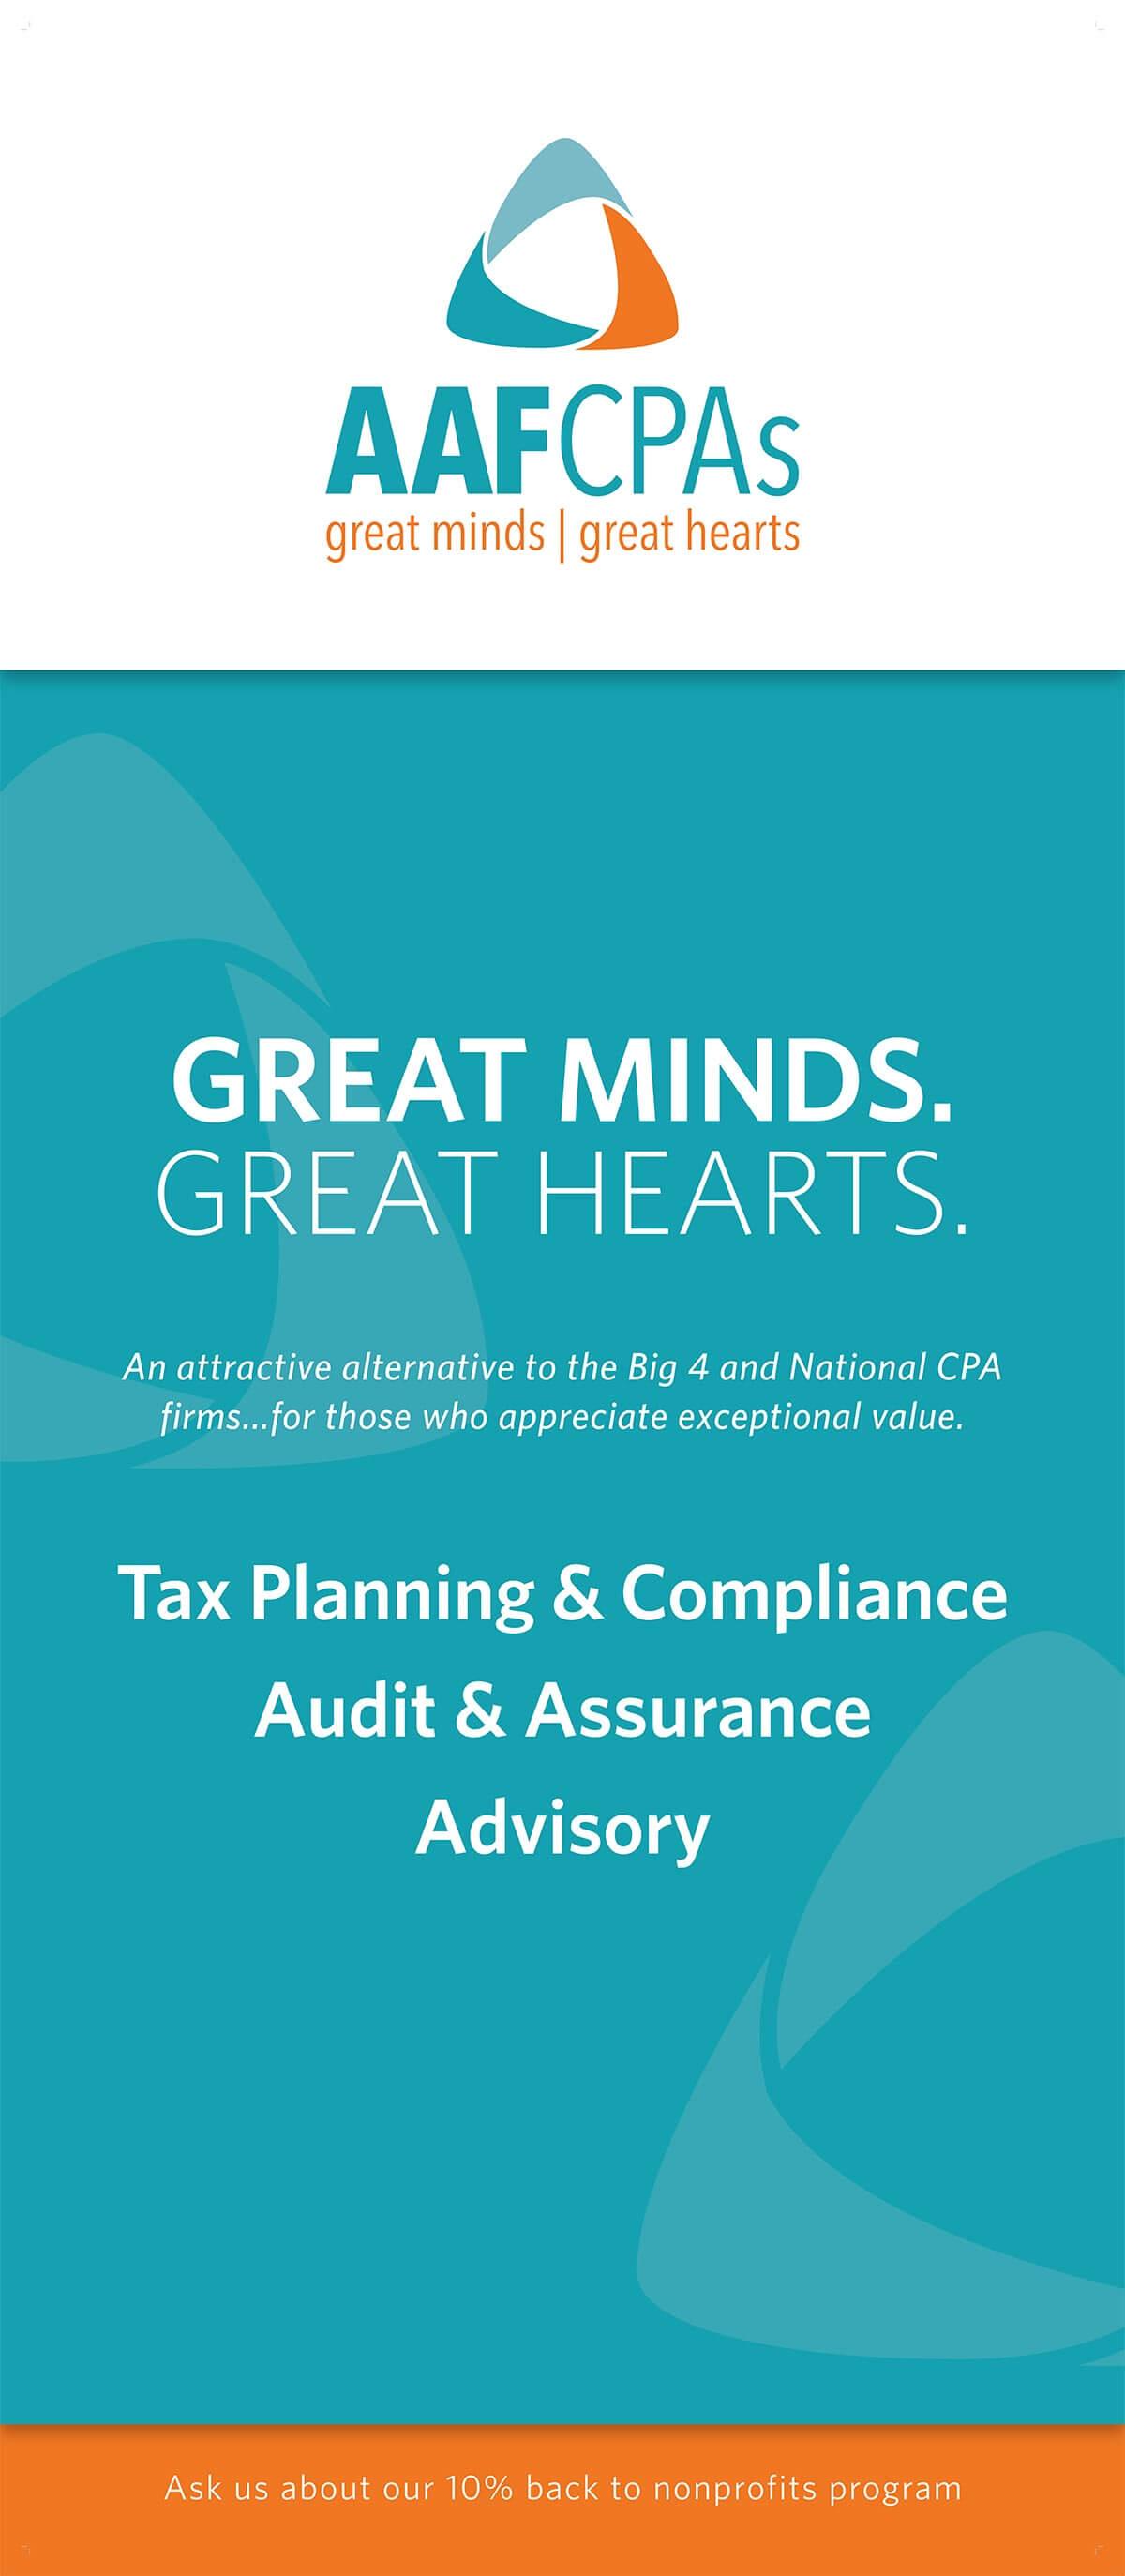 AAFCPAS brochure image